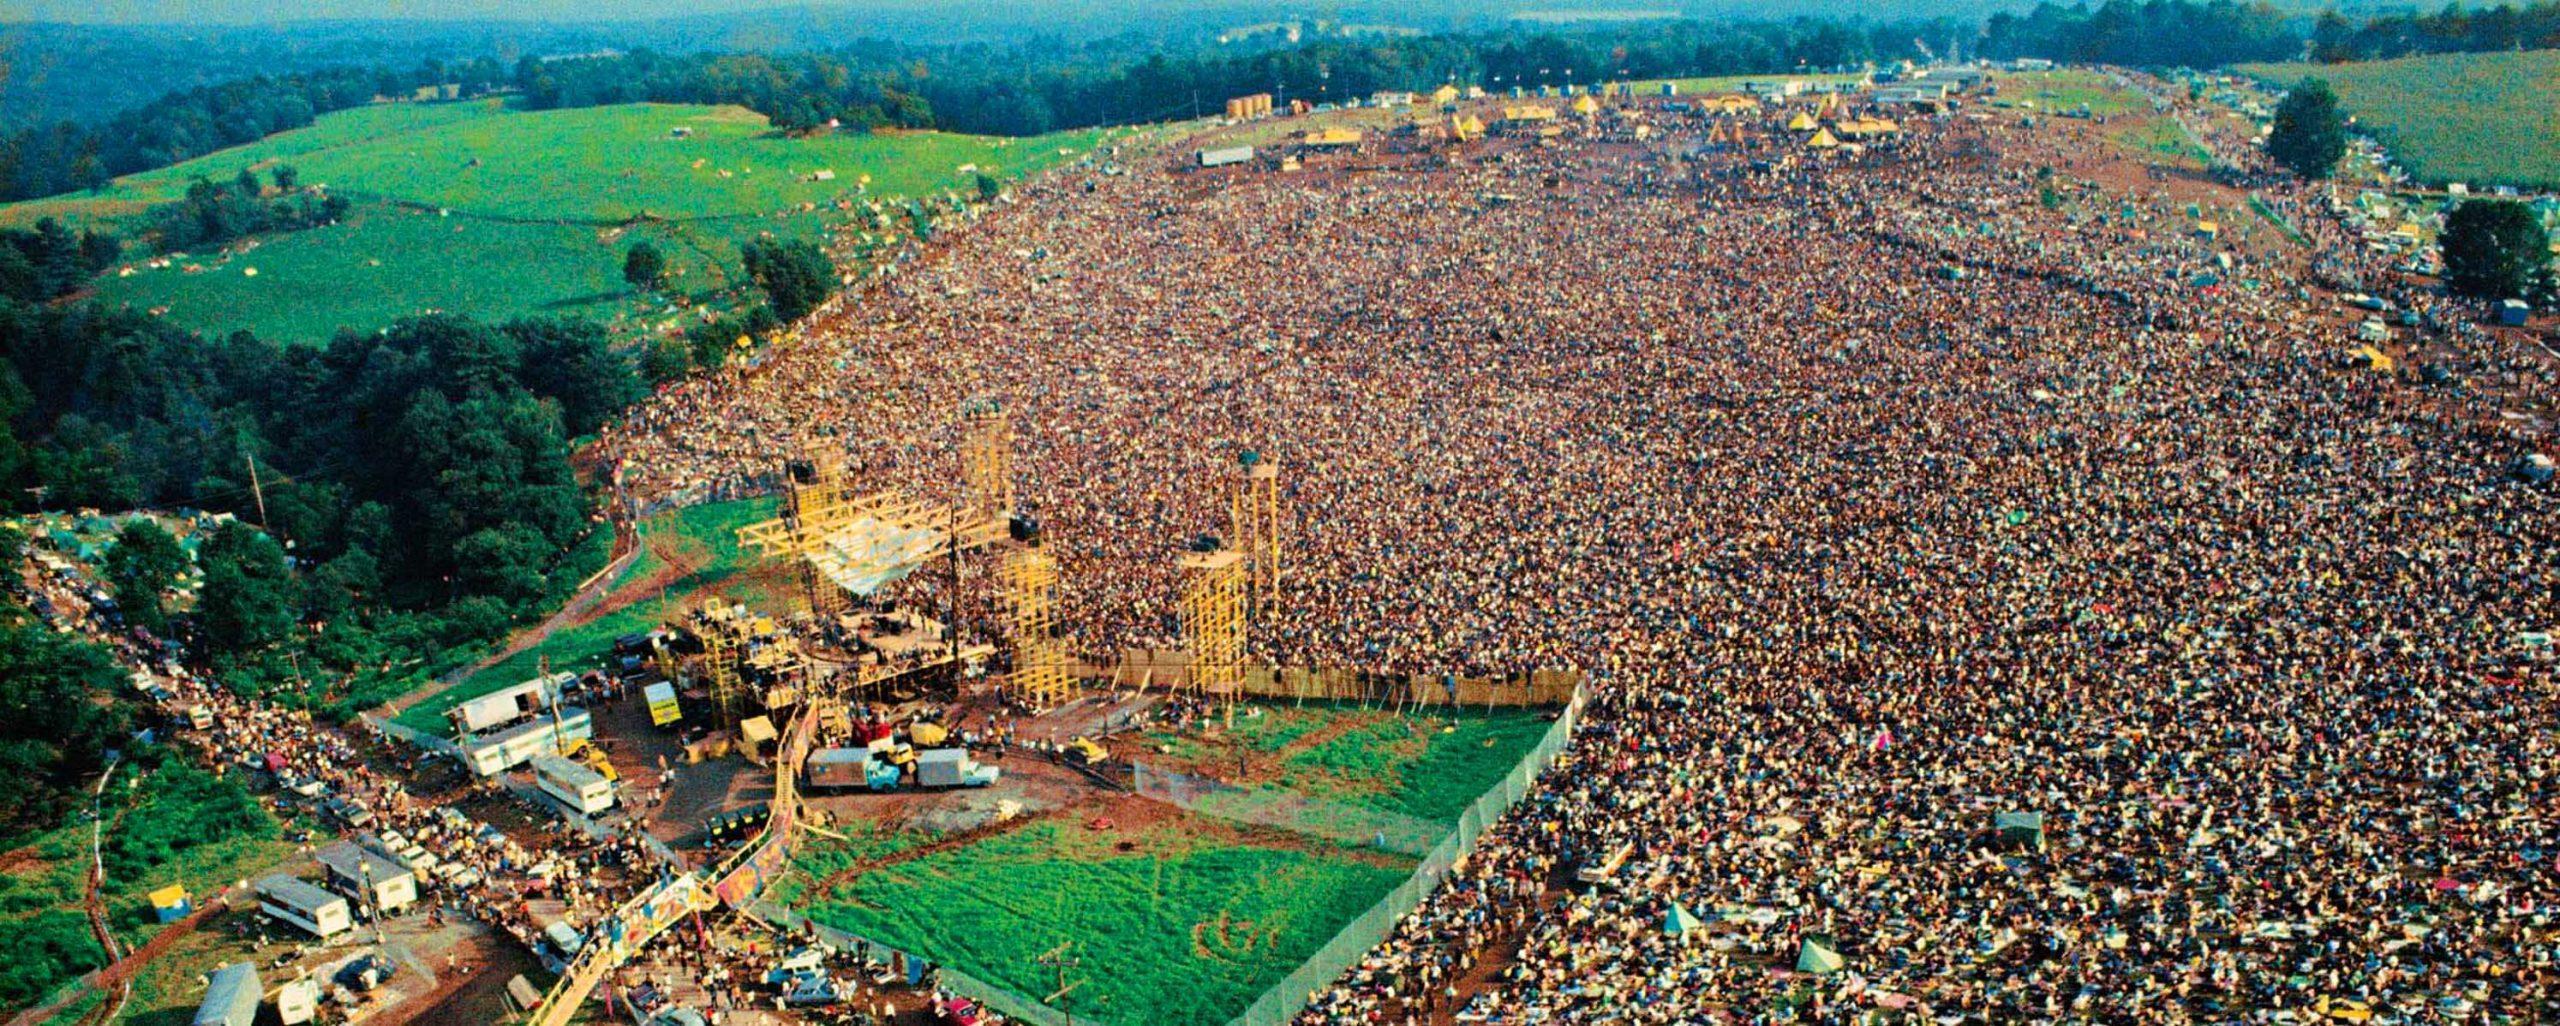 El festival Woodstock ahora será gratis